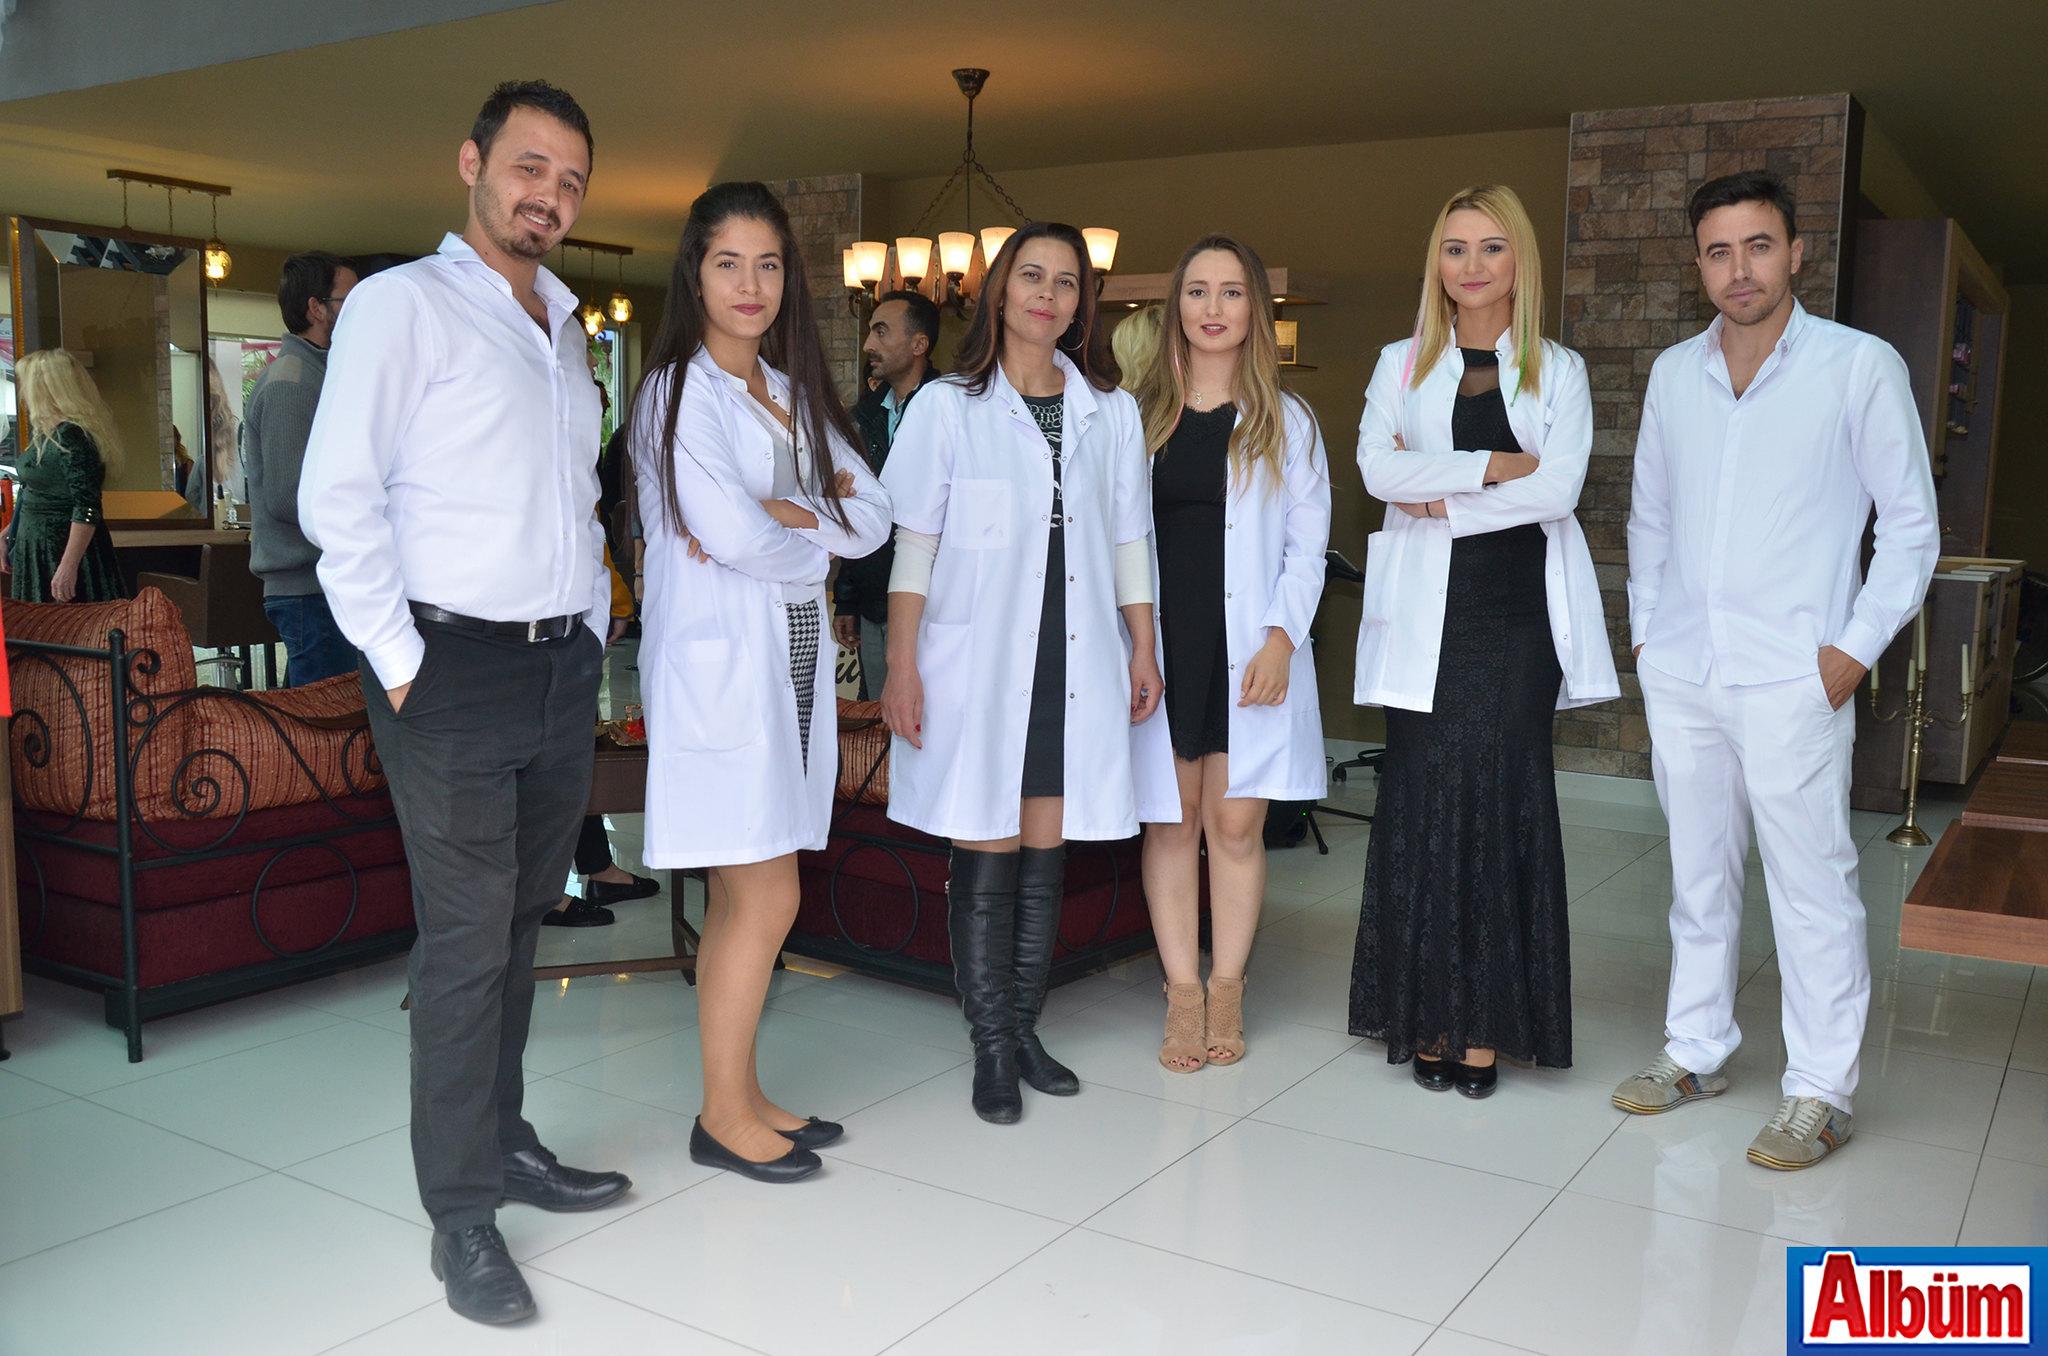 Bülent Erkol Güzellik Salonu ekibi Albüm'e poz verdi.